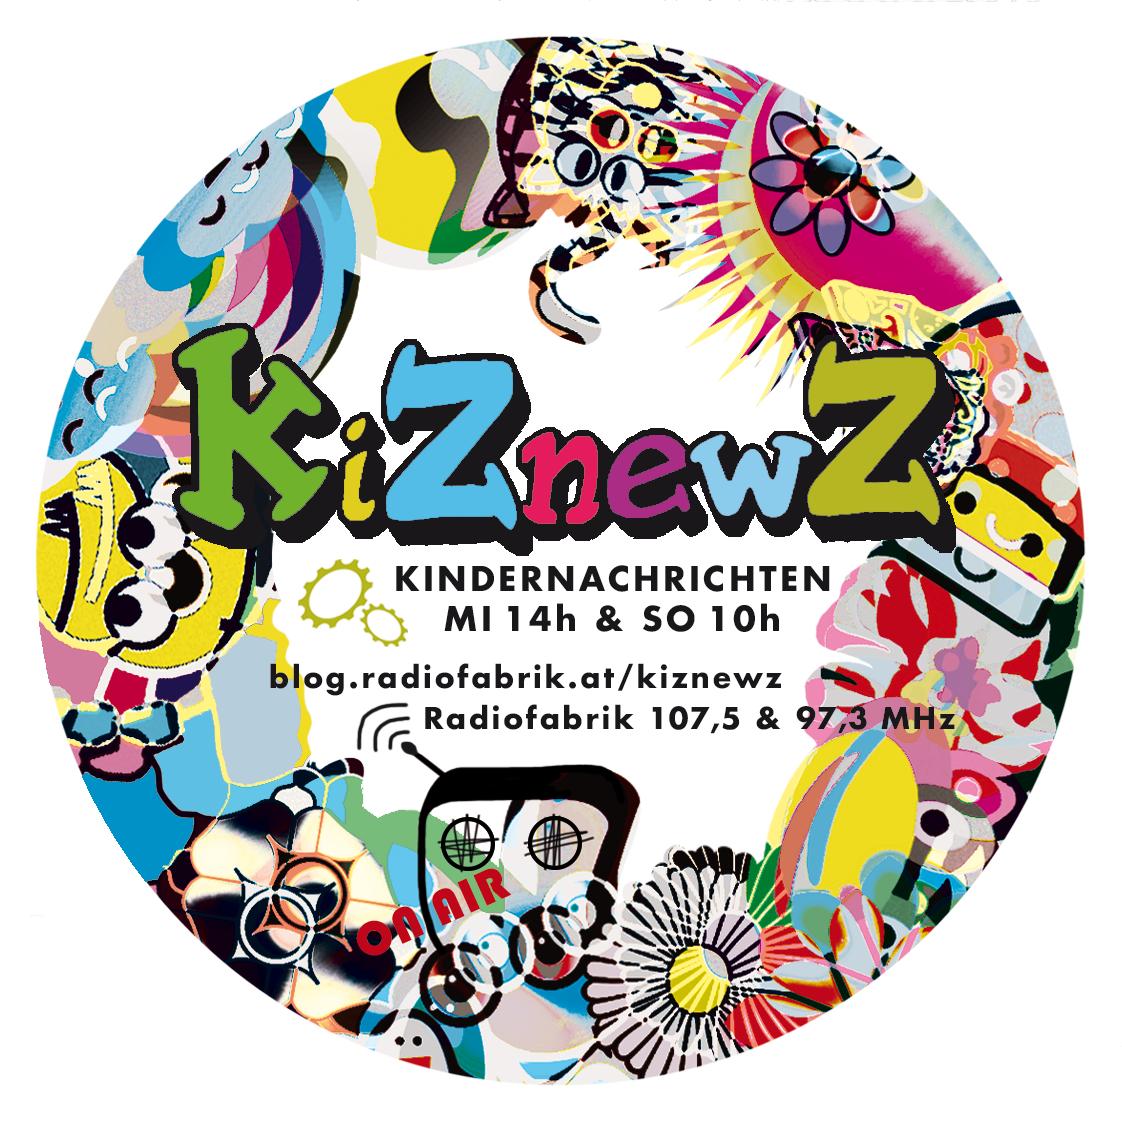 KiZnewZ - Sticker